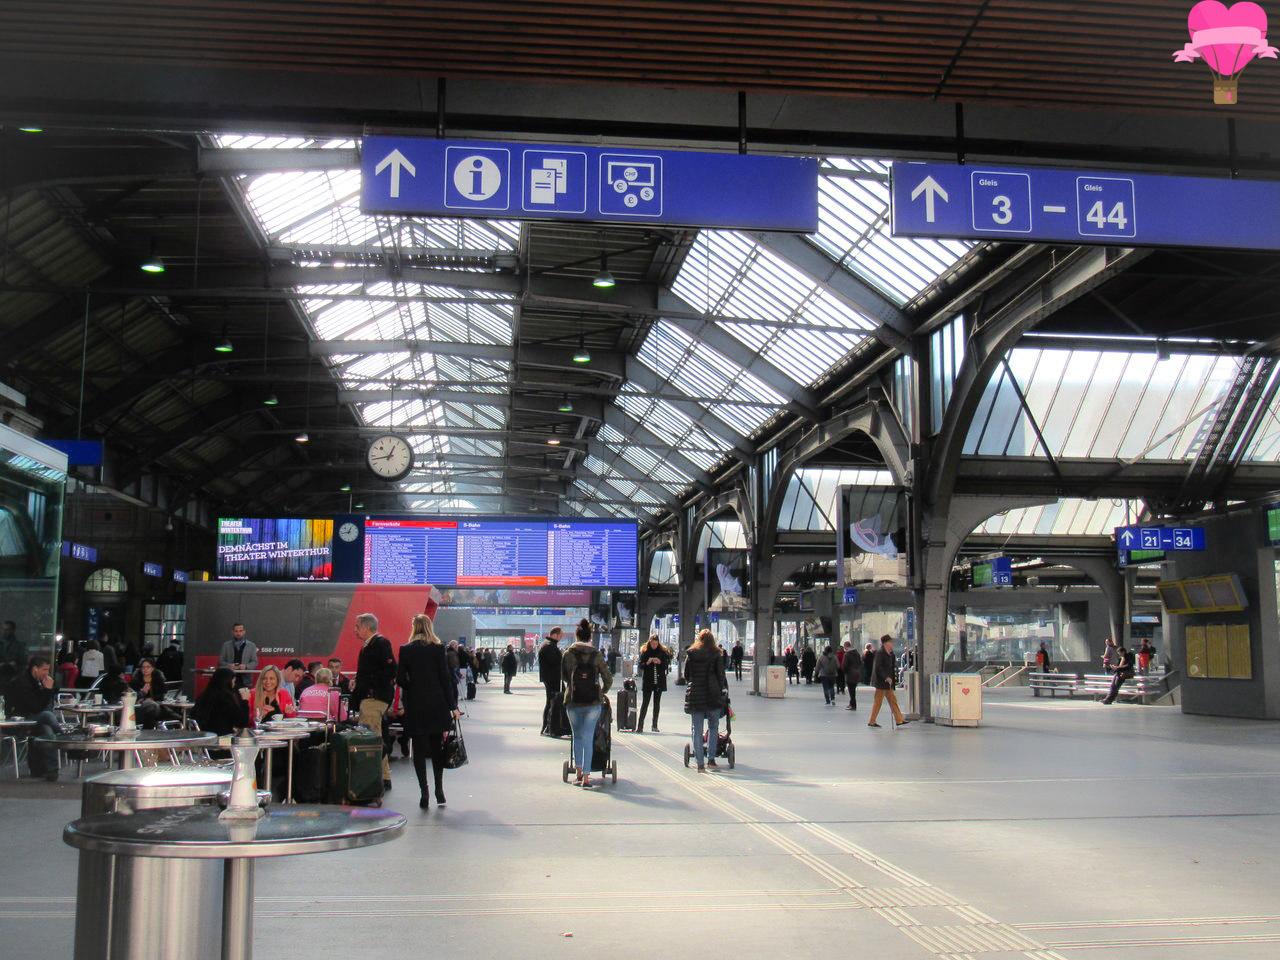 Estação-trem-hauptbahnhof-zurique-suica